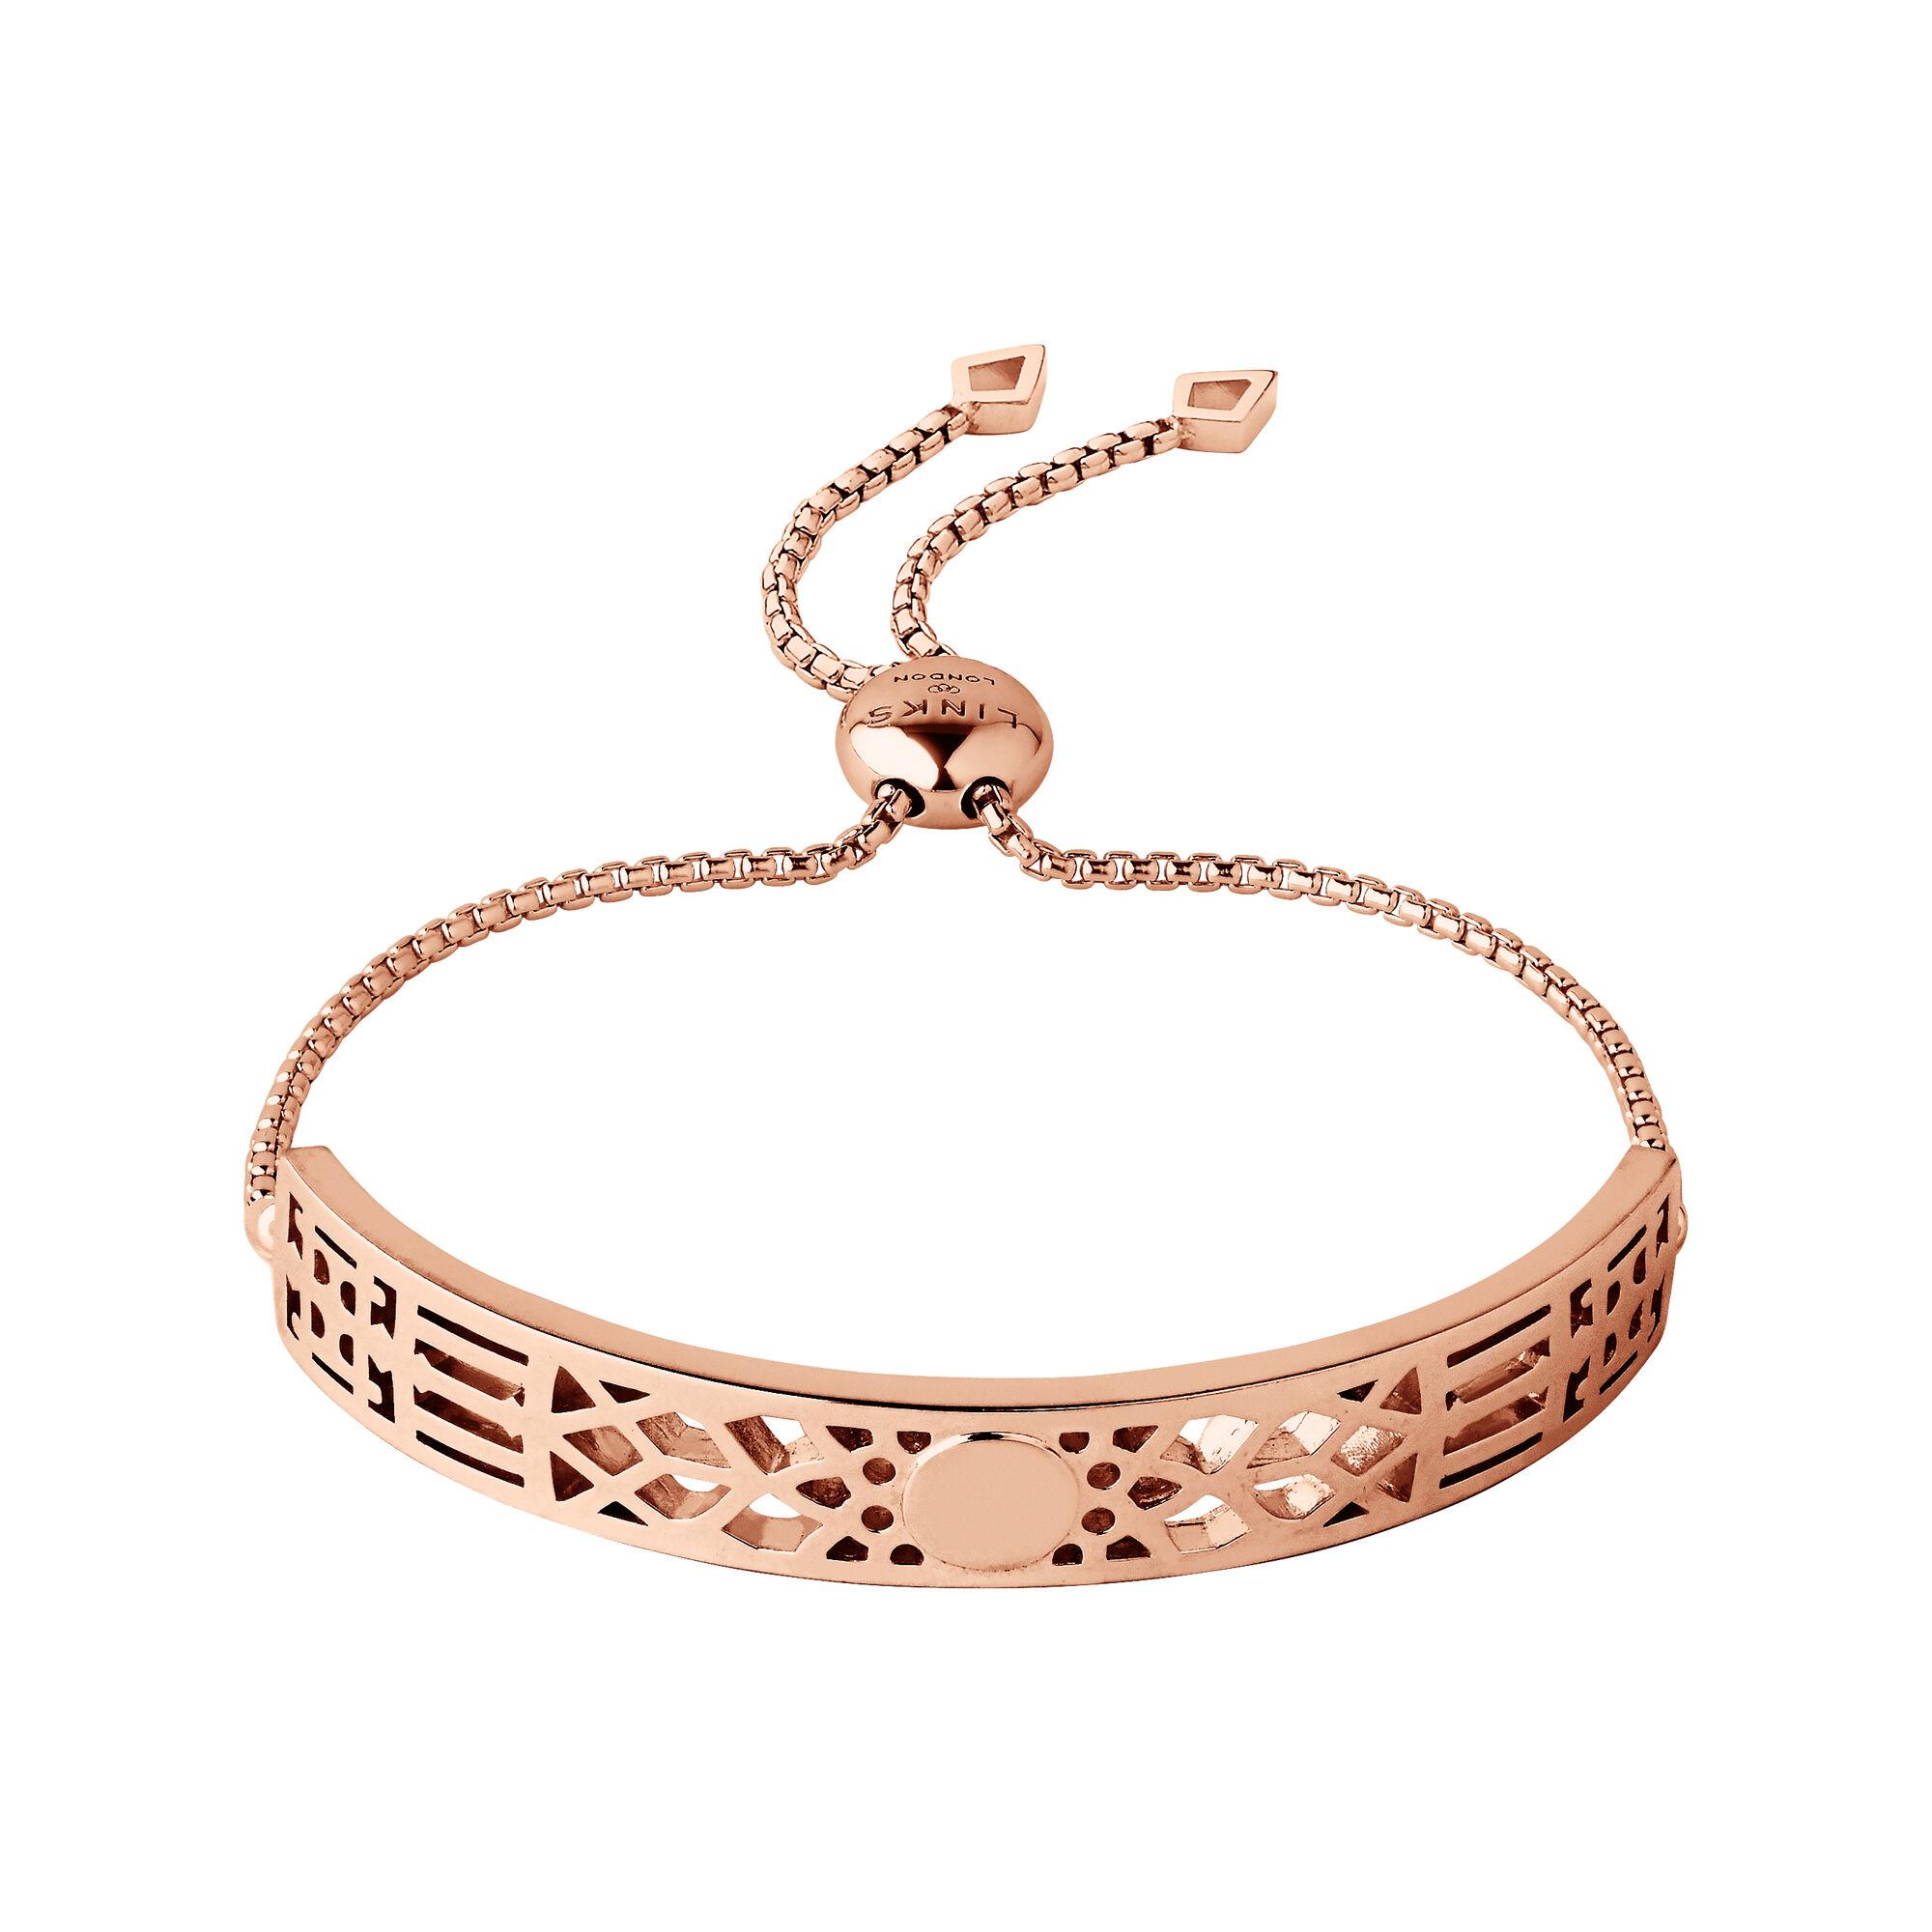 Rose Gold Bracelets for Women   Links of London